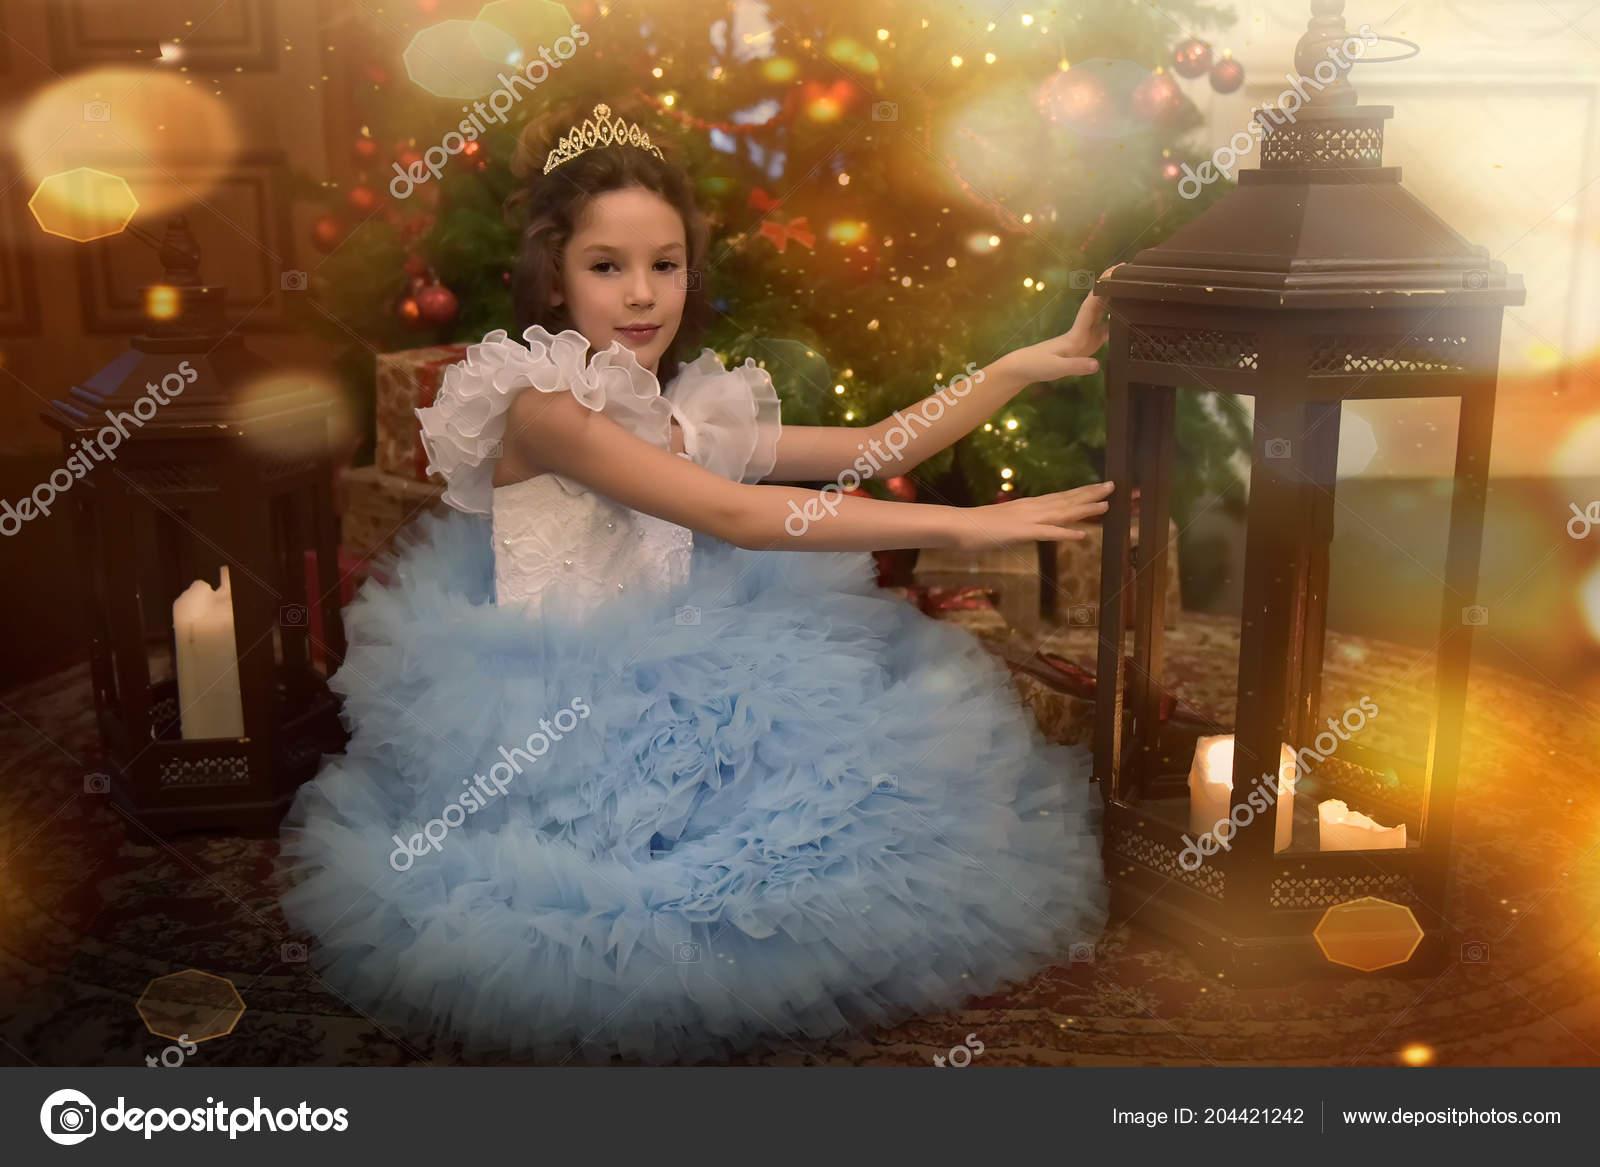 Eine Prinzessin Zu Weihnachten.Eine Junge Prinzessin Einem Festlichen Blauen Kleid Mit